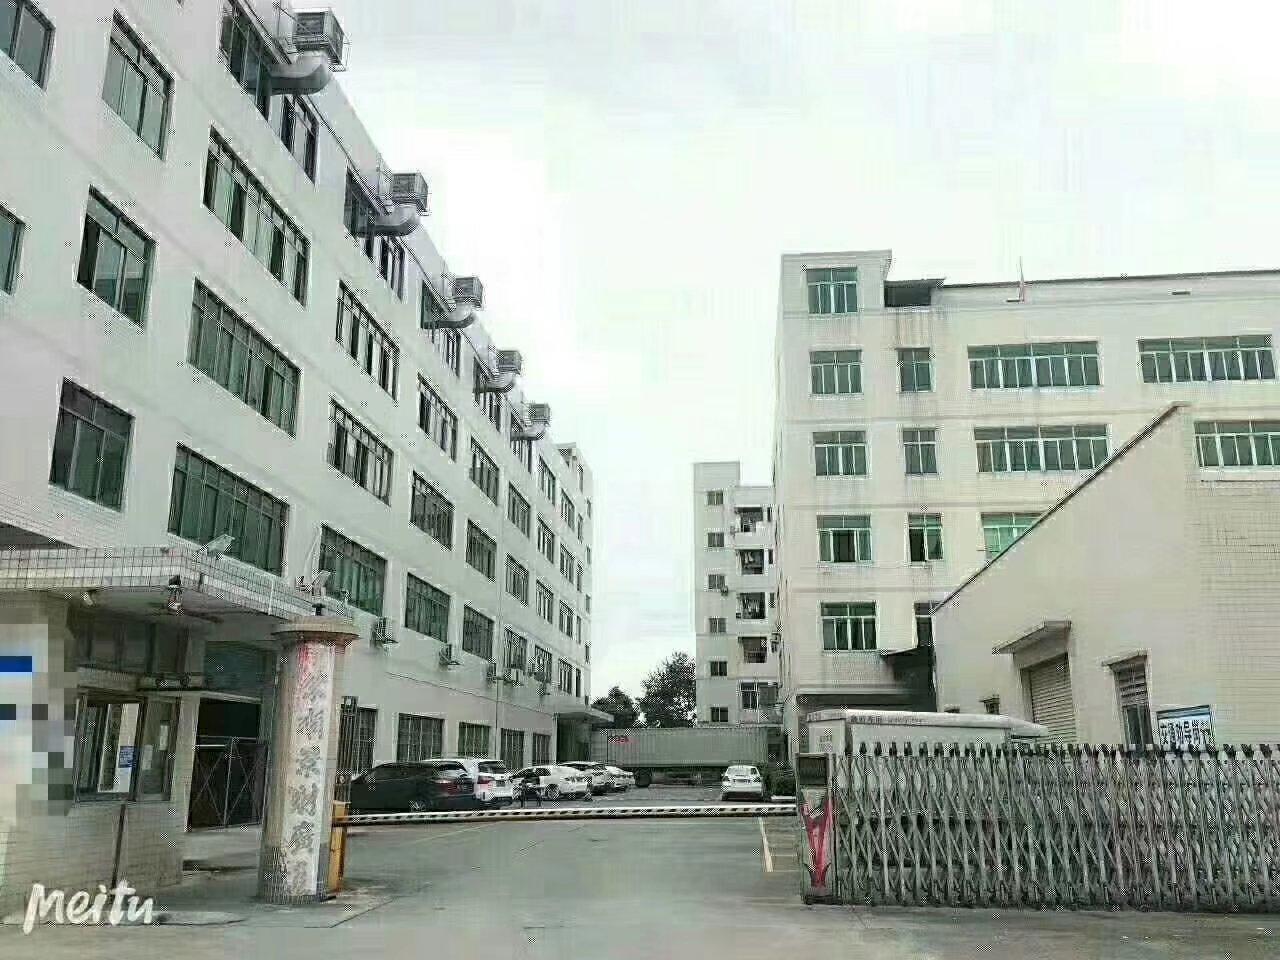 惠州市仲恺高新区原房东红本厂房12227平方米出租